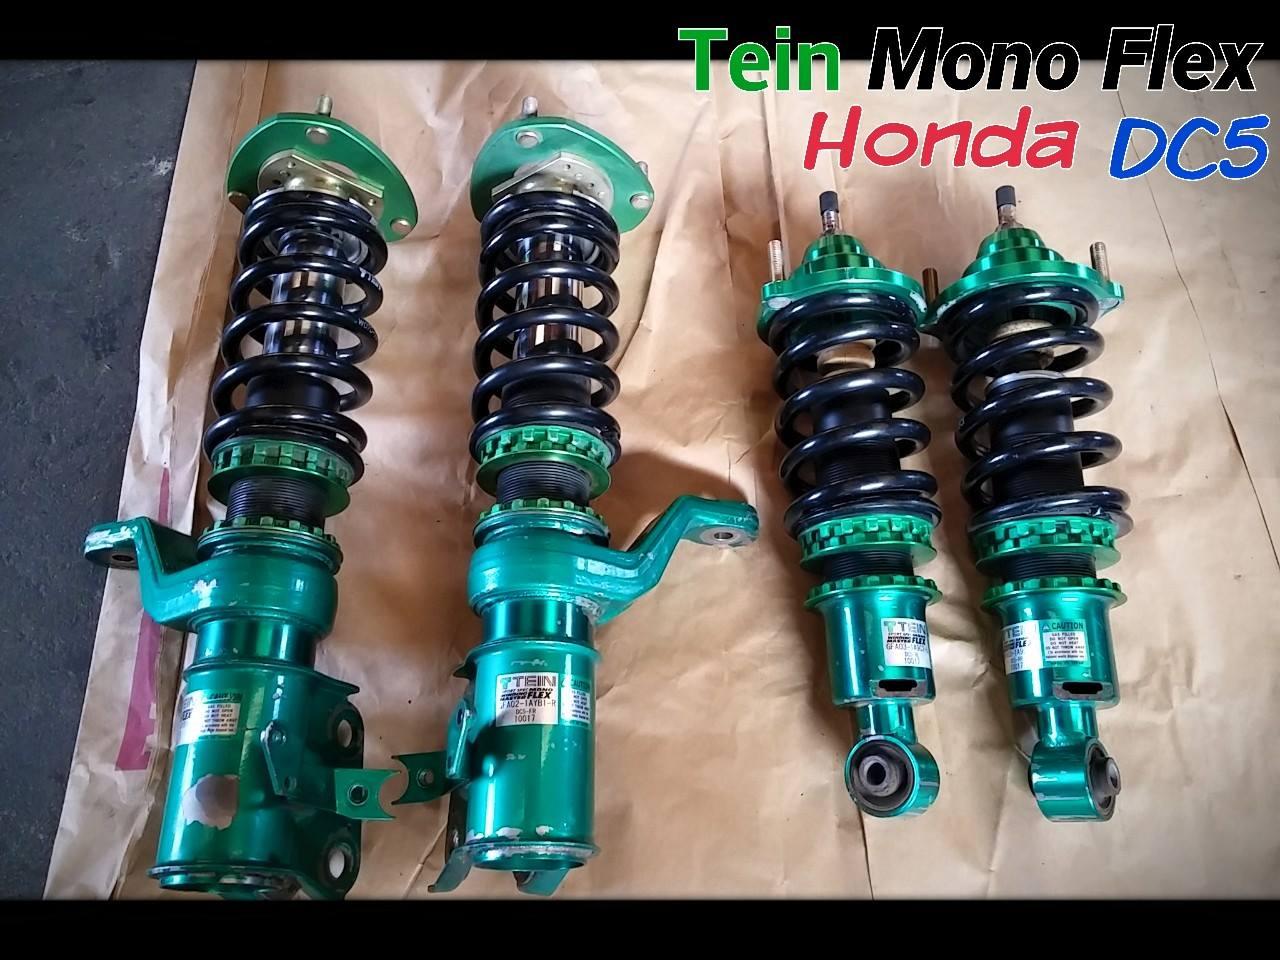 TEIN MONO FLEX - DC5